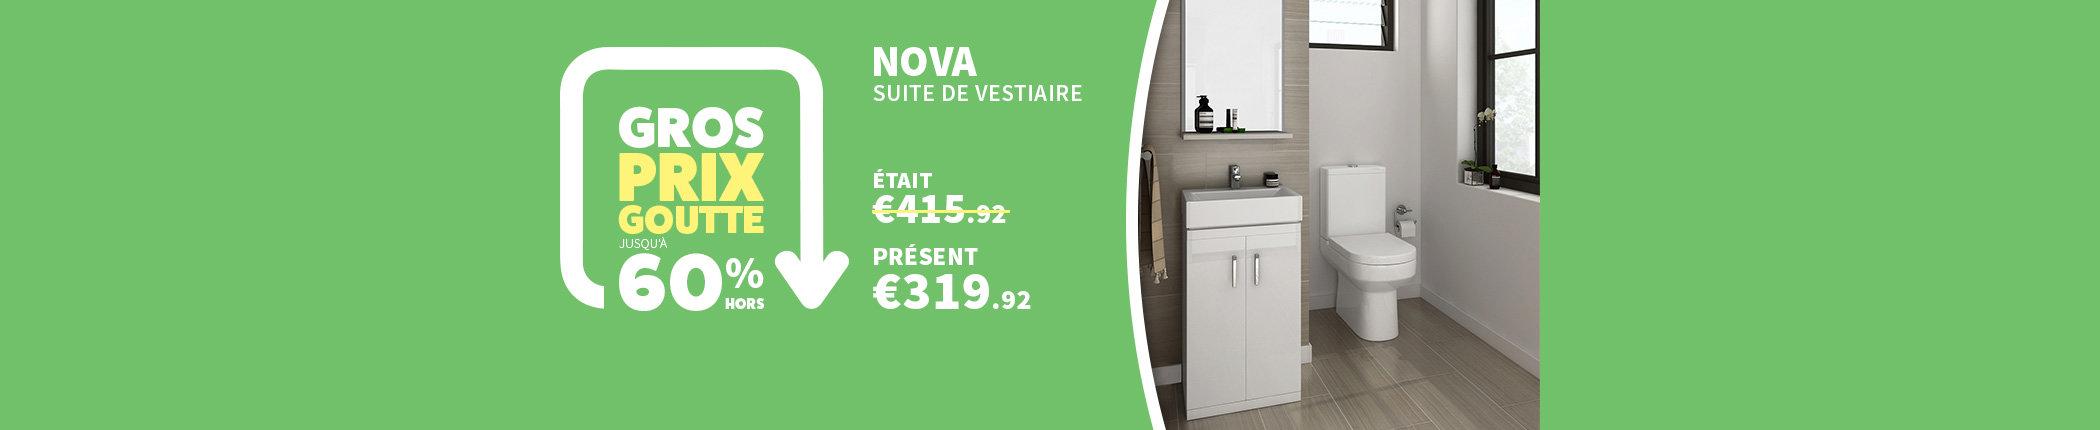 https://www.victorianplumbing.fr/suite-etage-de-nova-vestiaire-standing-bassin-unit-etroitement-couple-toilette